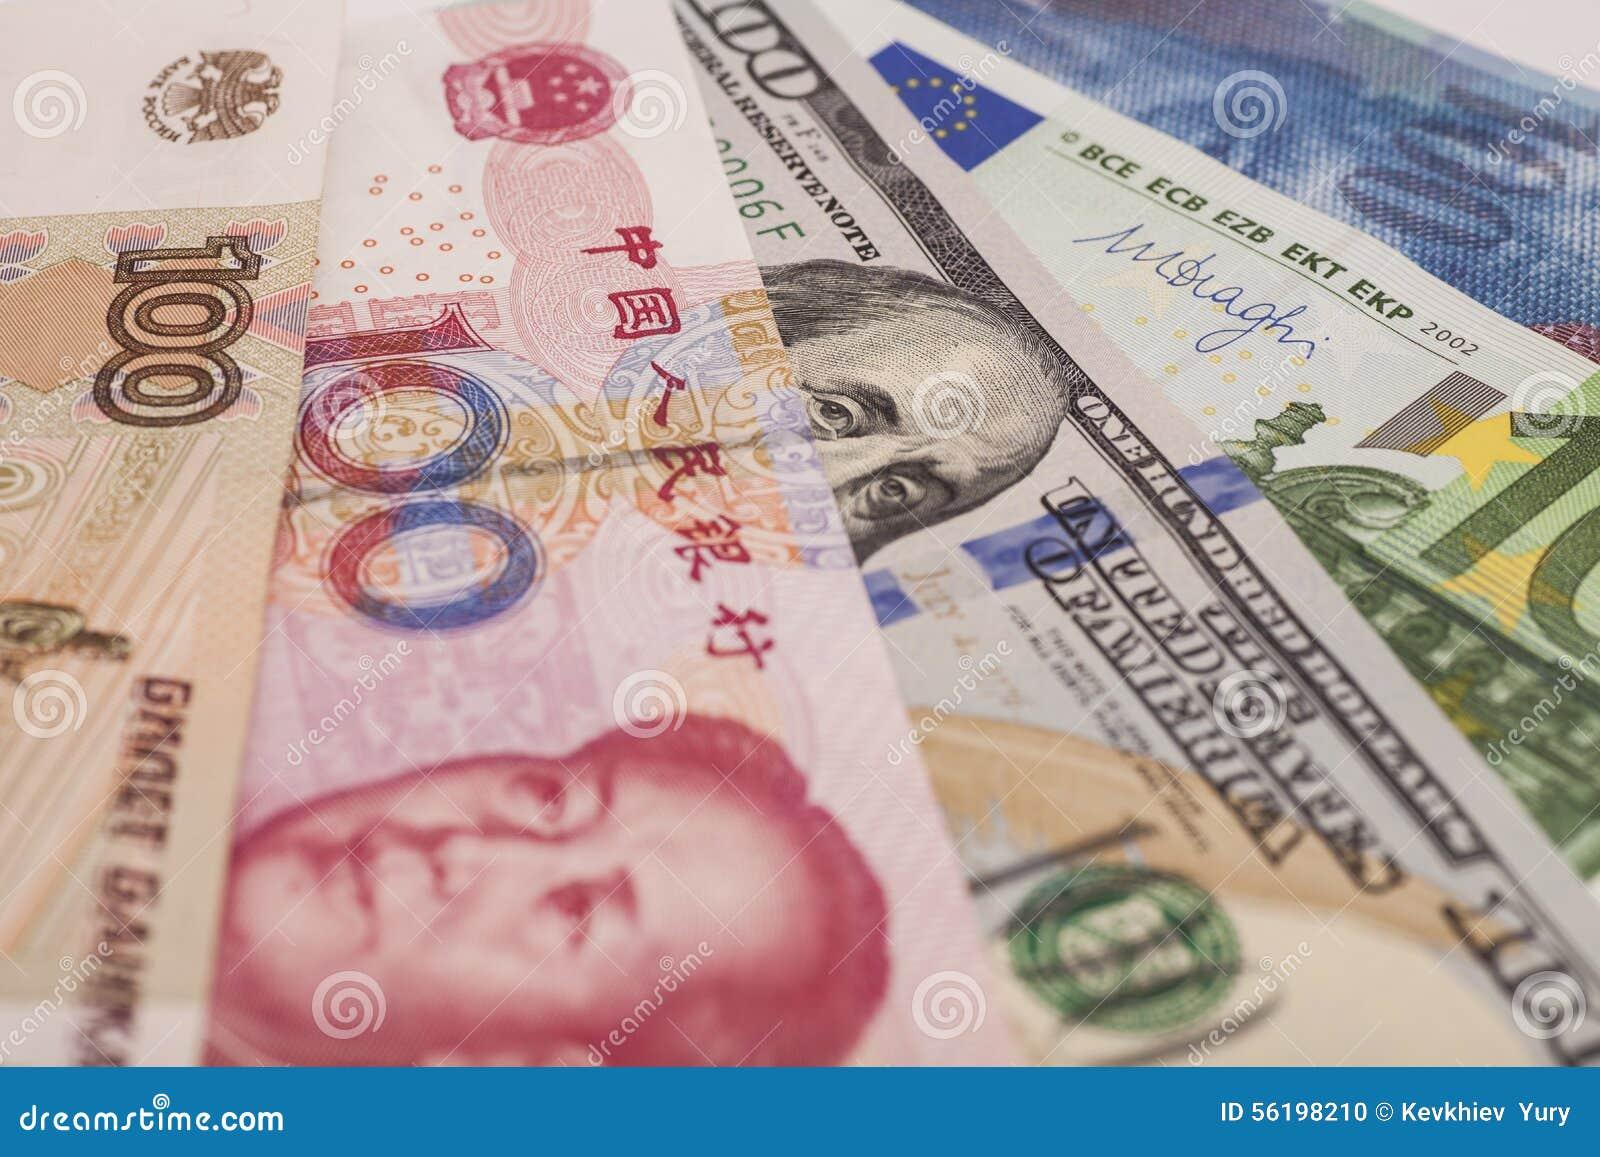 Amerikanska dollar, europeiskt euro, schweizisk franc, kinesisk yuan och Rus